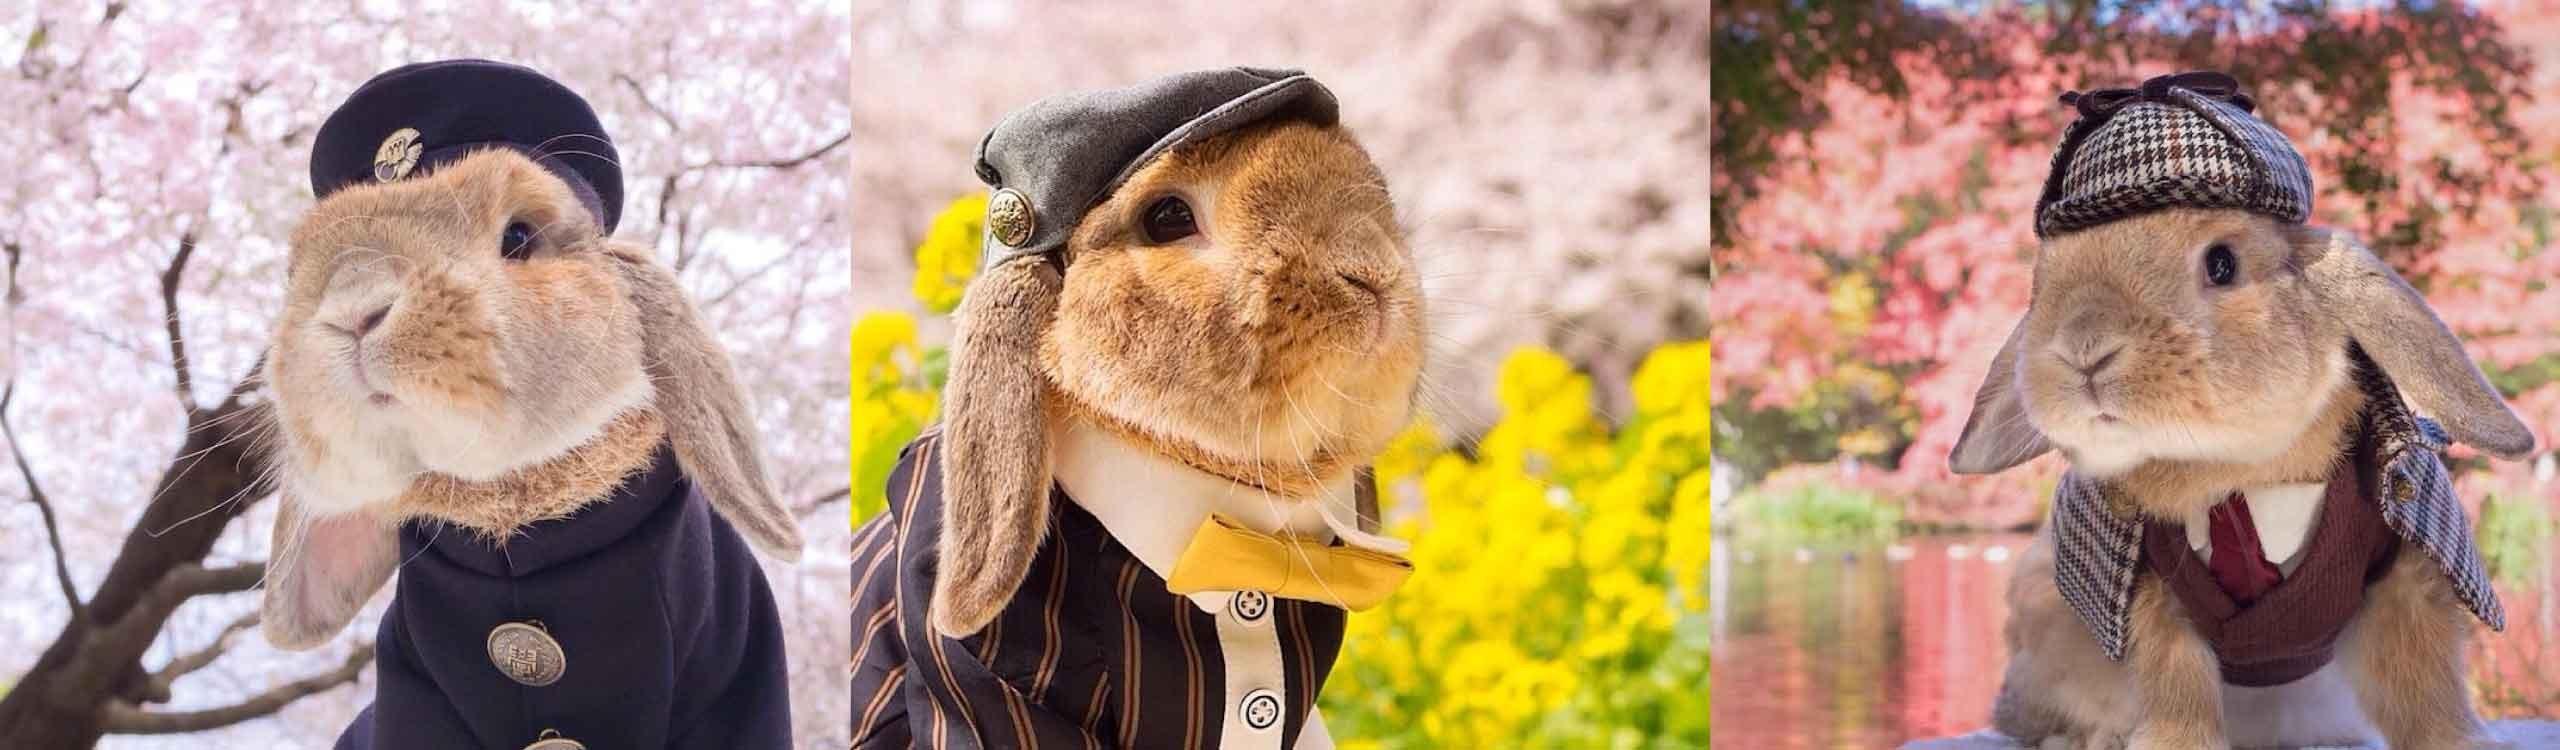 puipui, el elegante conejo que lo peta en instagram con sus refinados outfits